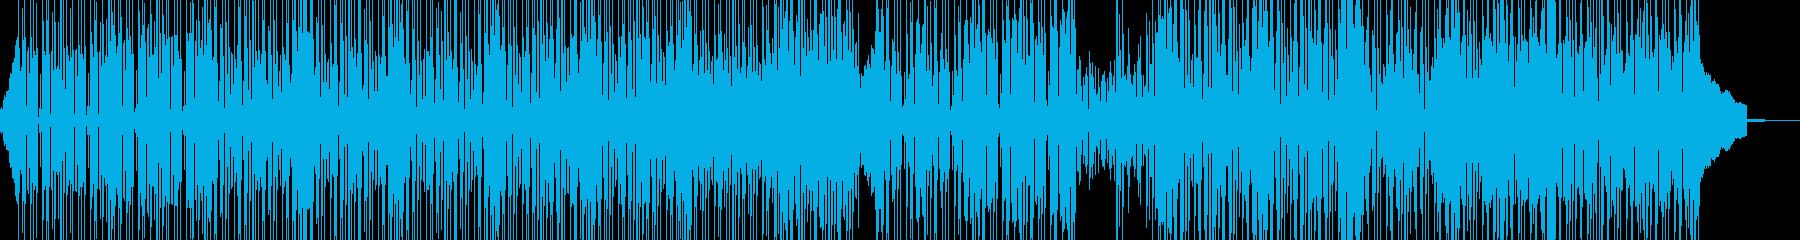 夏バテ(×ω×)無気力ポップ 表拍子Bの再生済みの波形